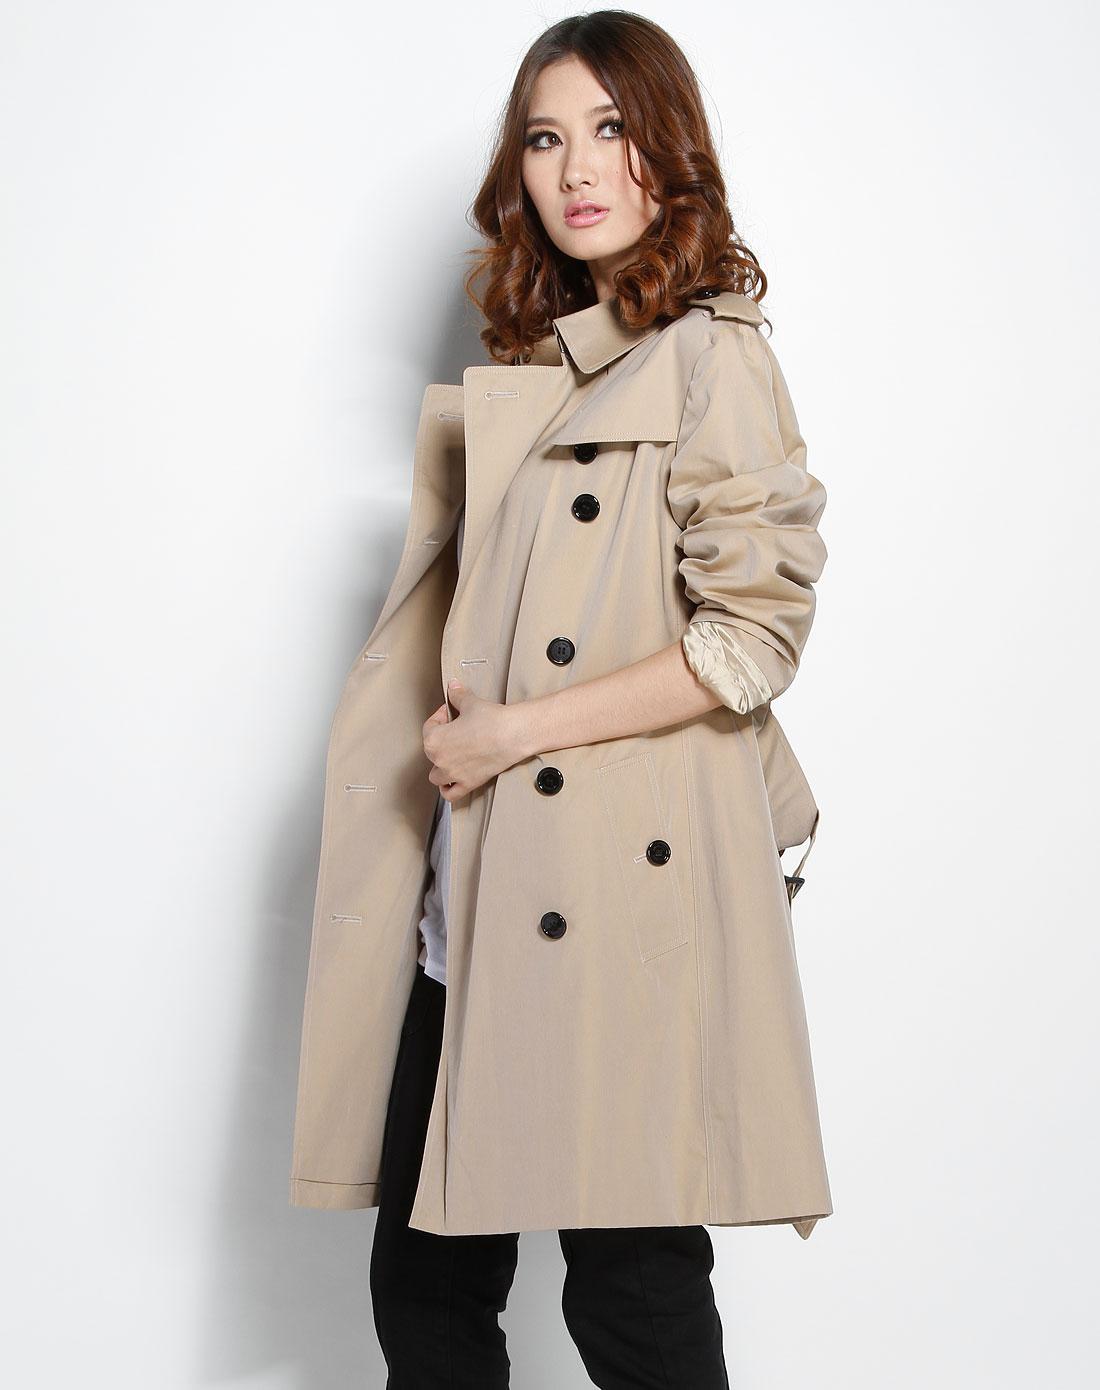 burberry外套专场女款浅卡其色经典长袖风衣1by99001